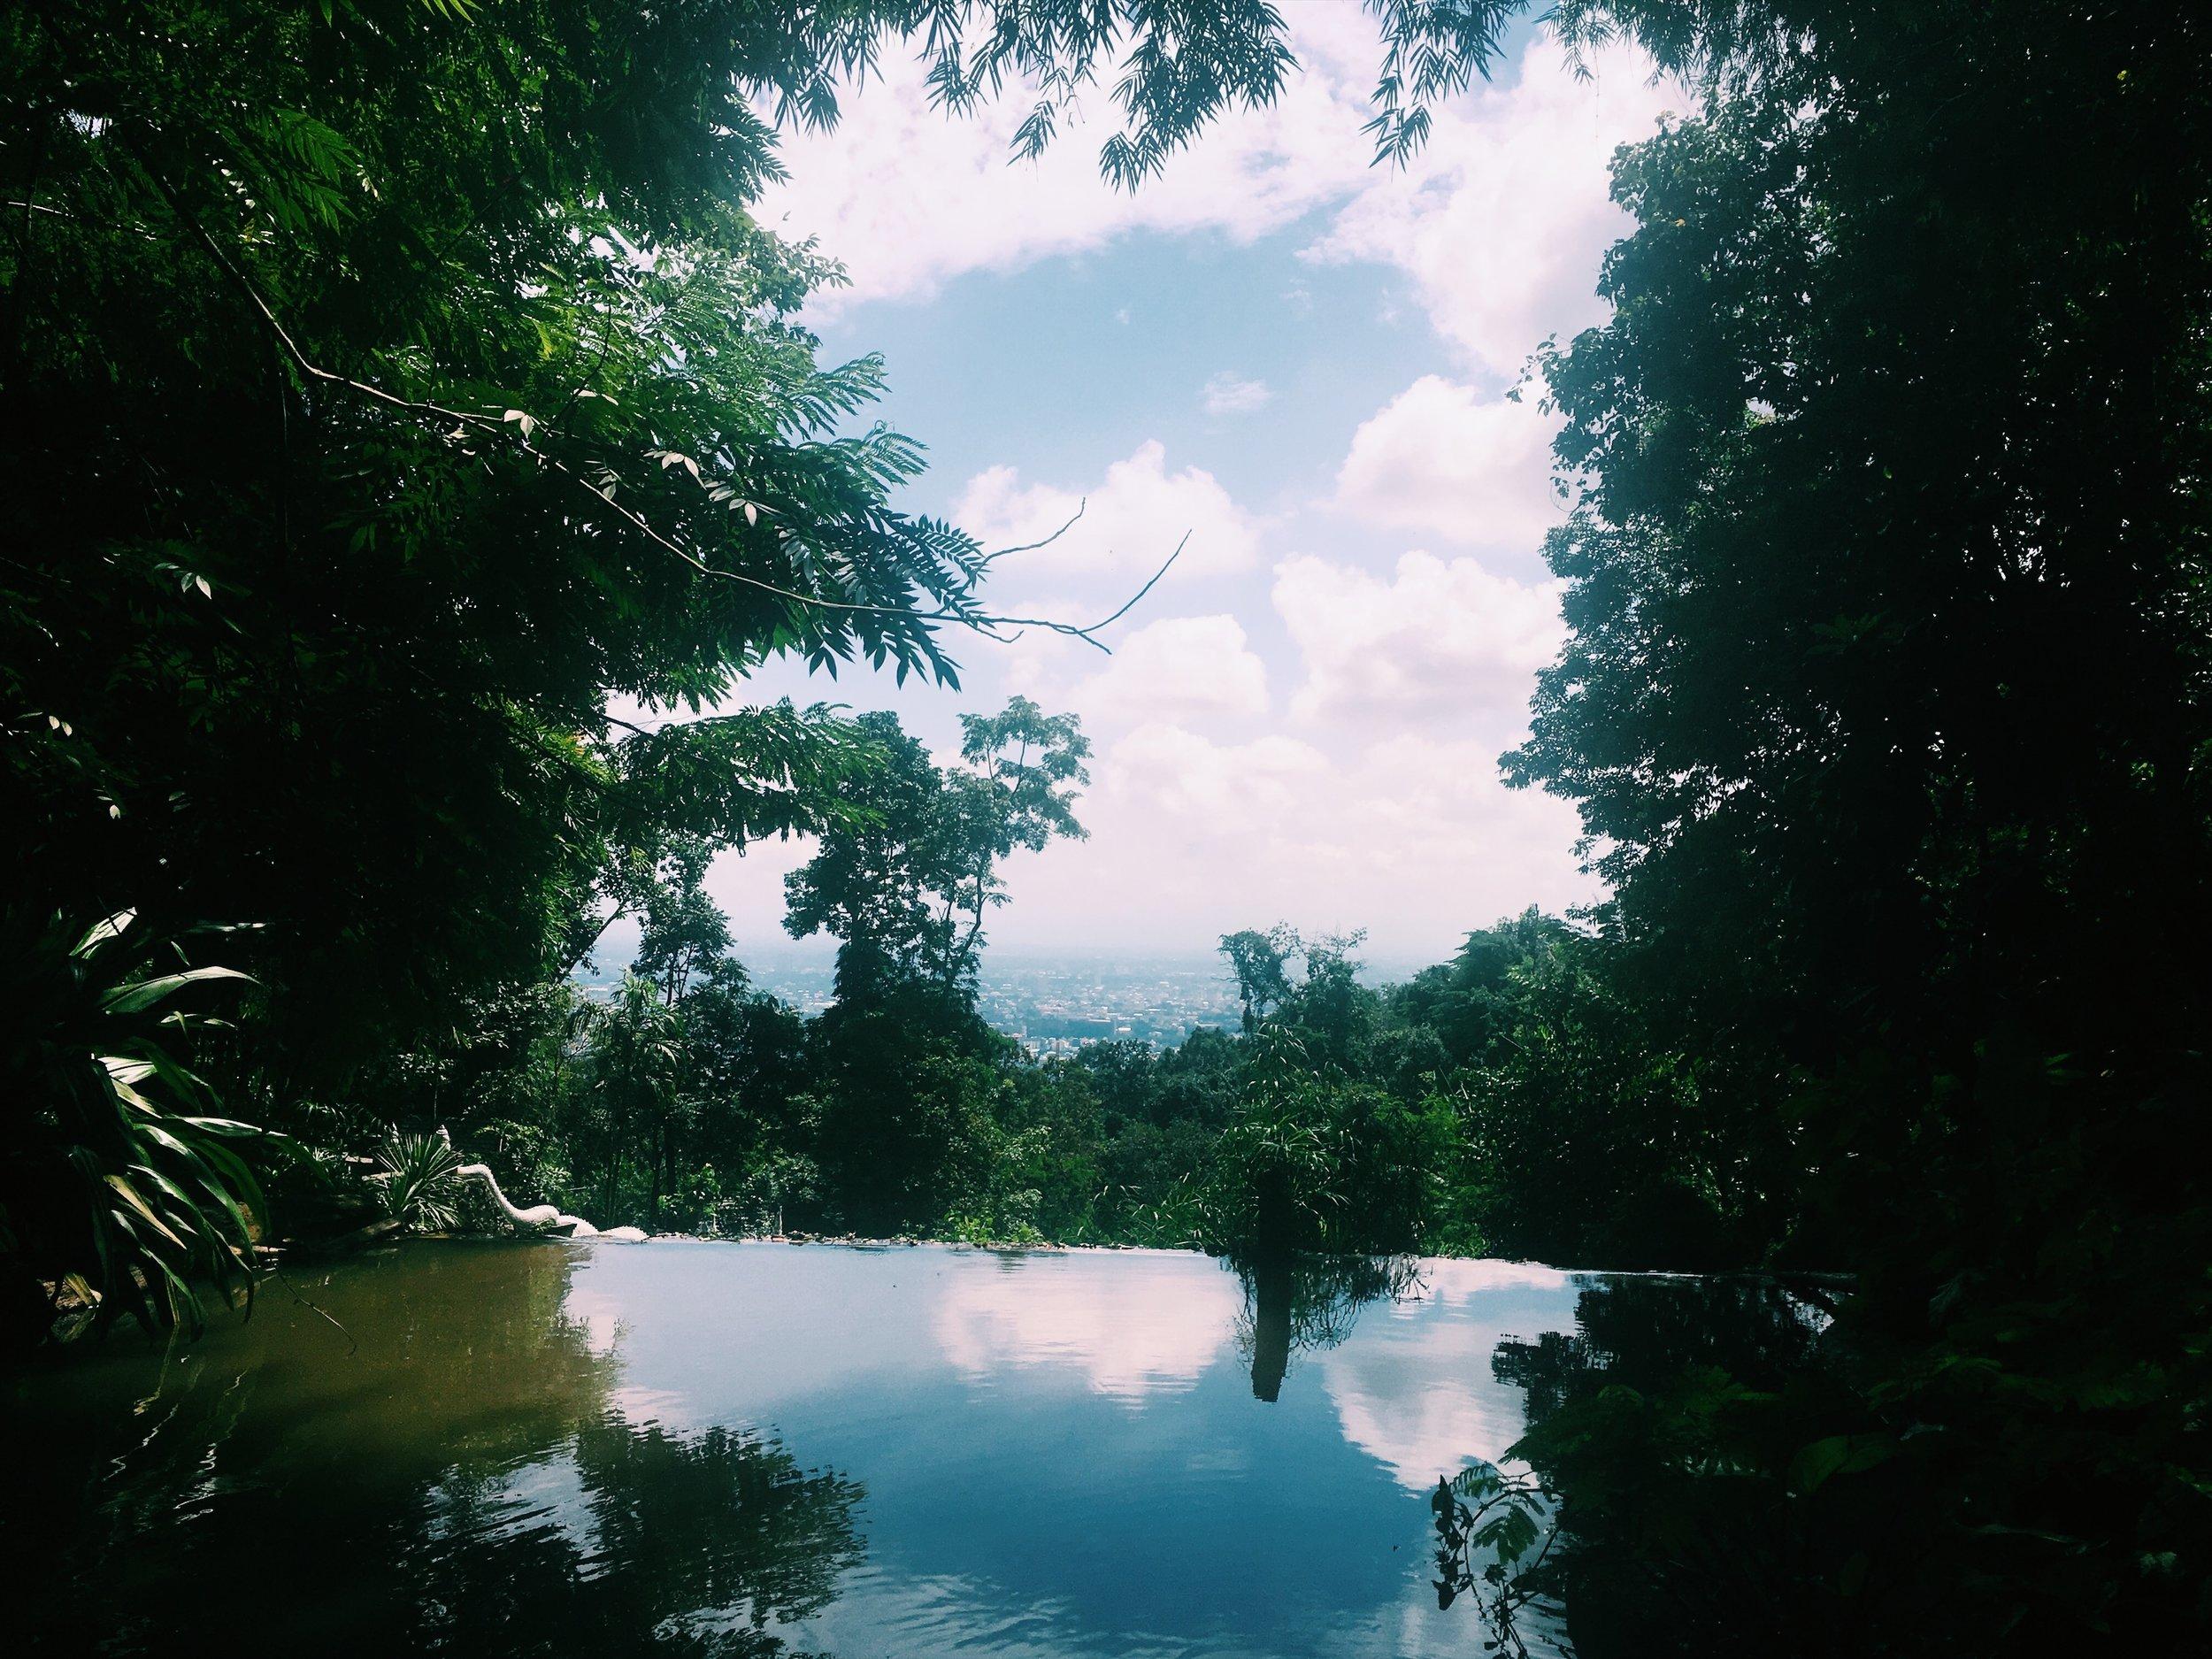 WATERFALL AT WAT SAKITHAKA